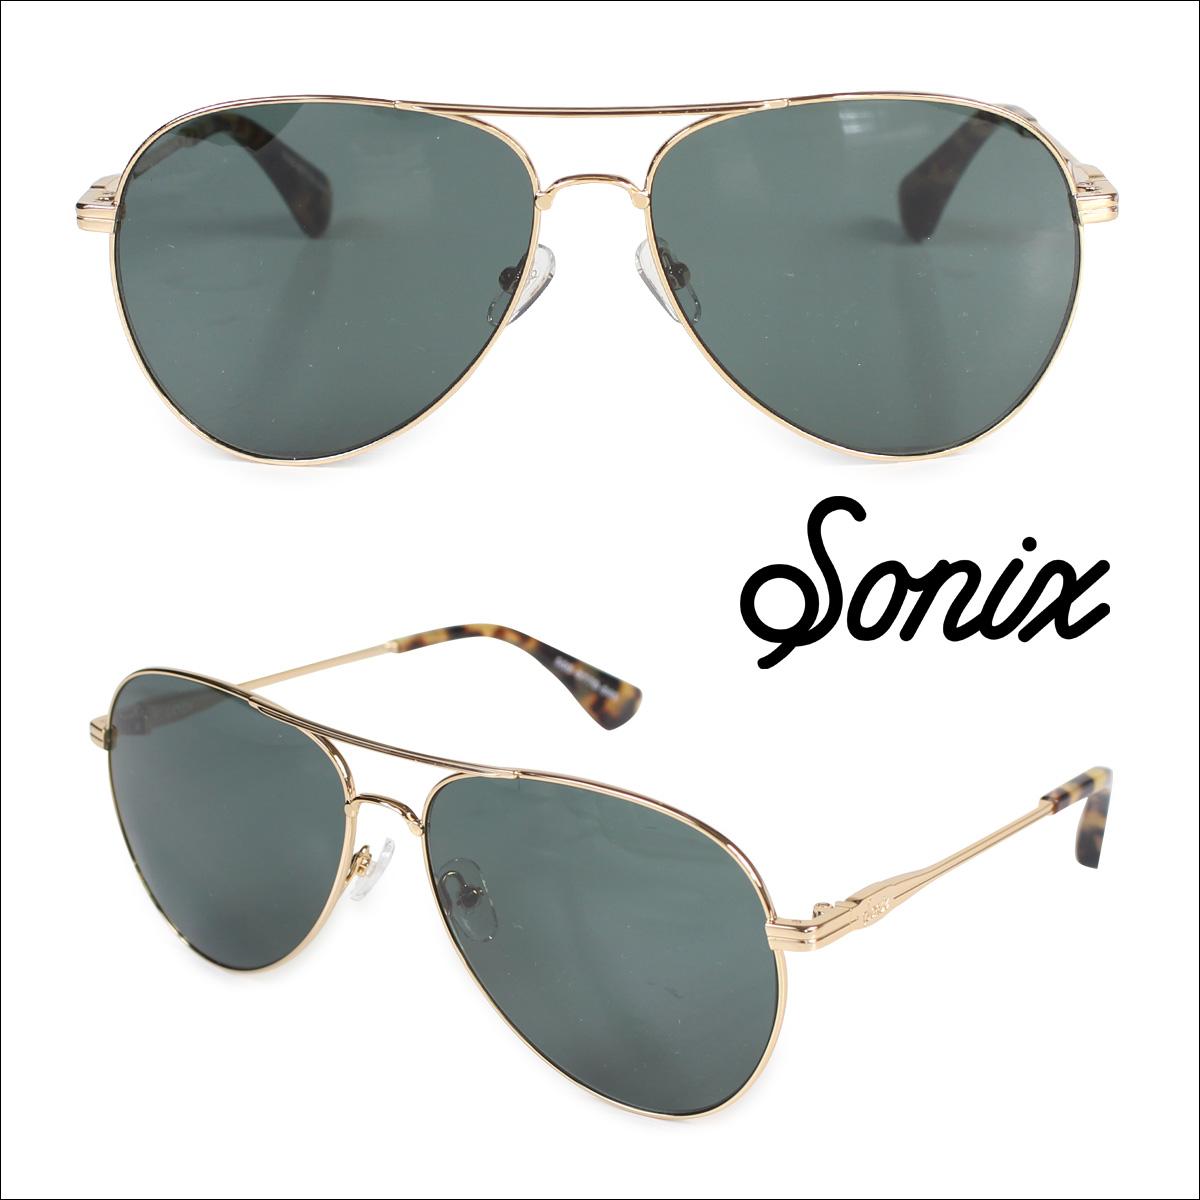 Sonix ソニックス サングラス レディース LODI 500-0770-040 オリーブ